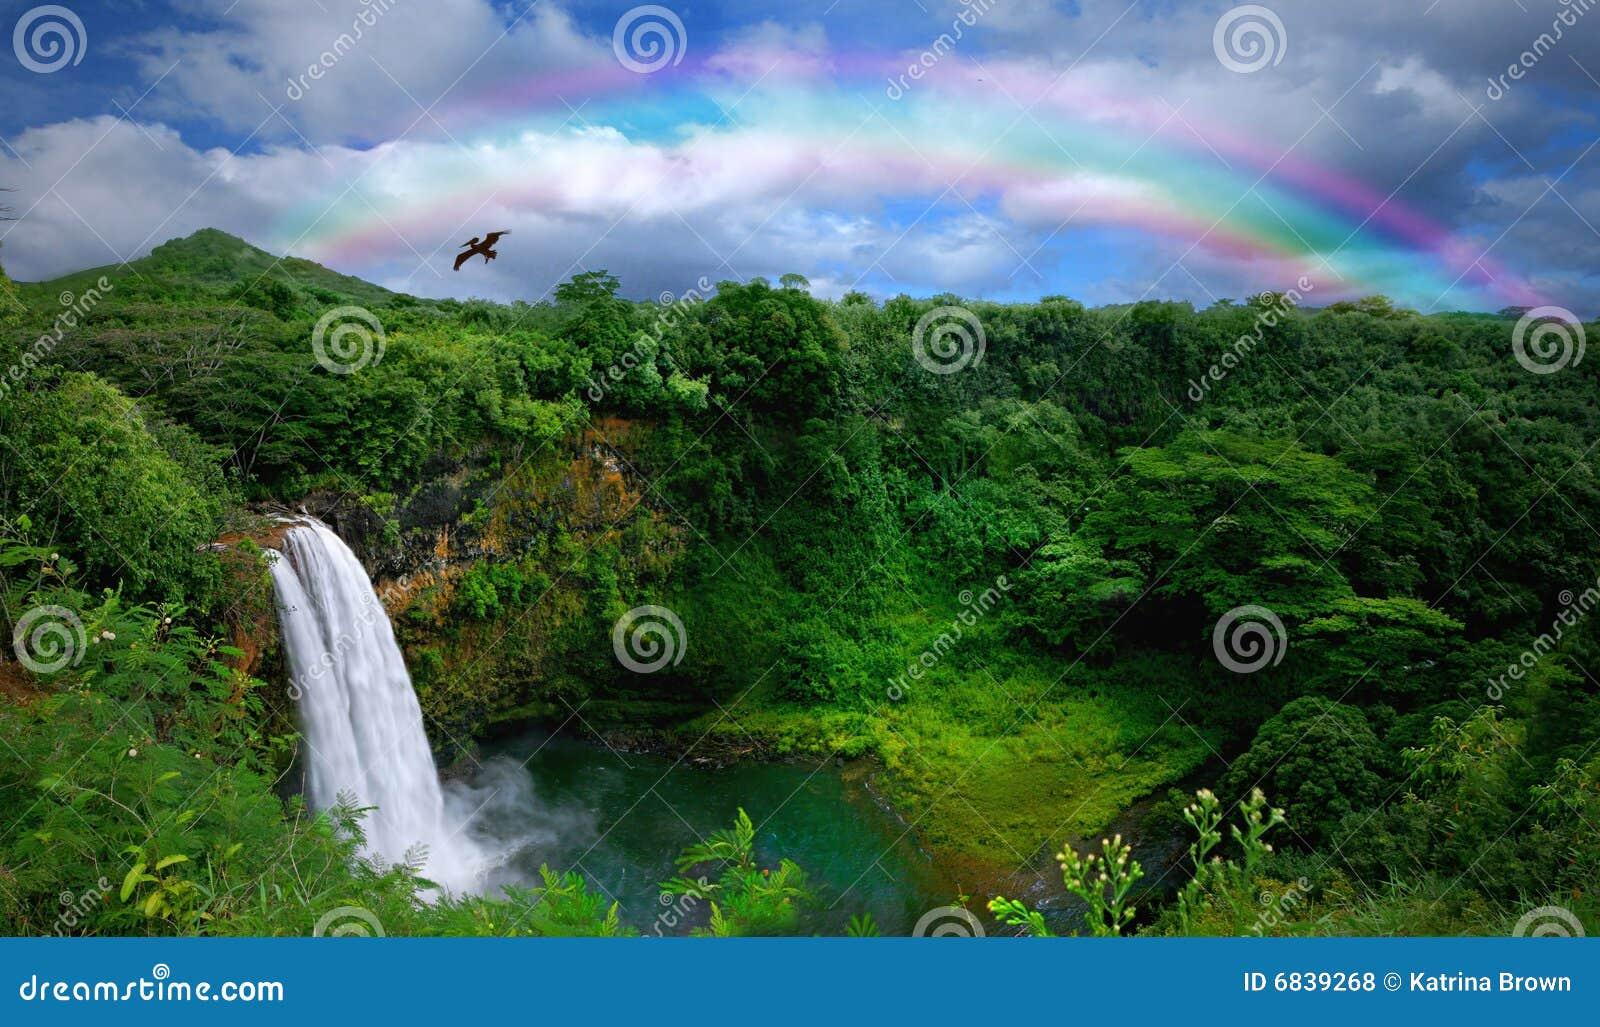 Vista superior de uma cachoeira bonita em Havaí